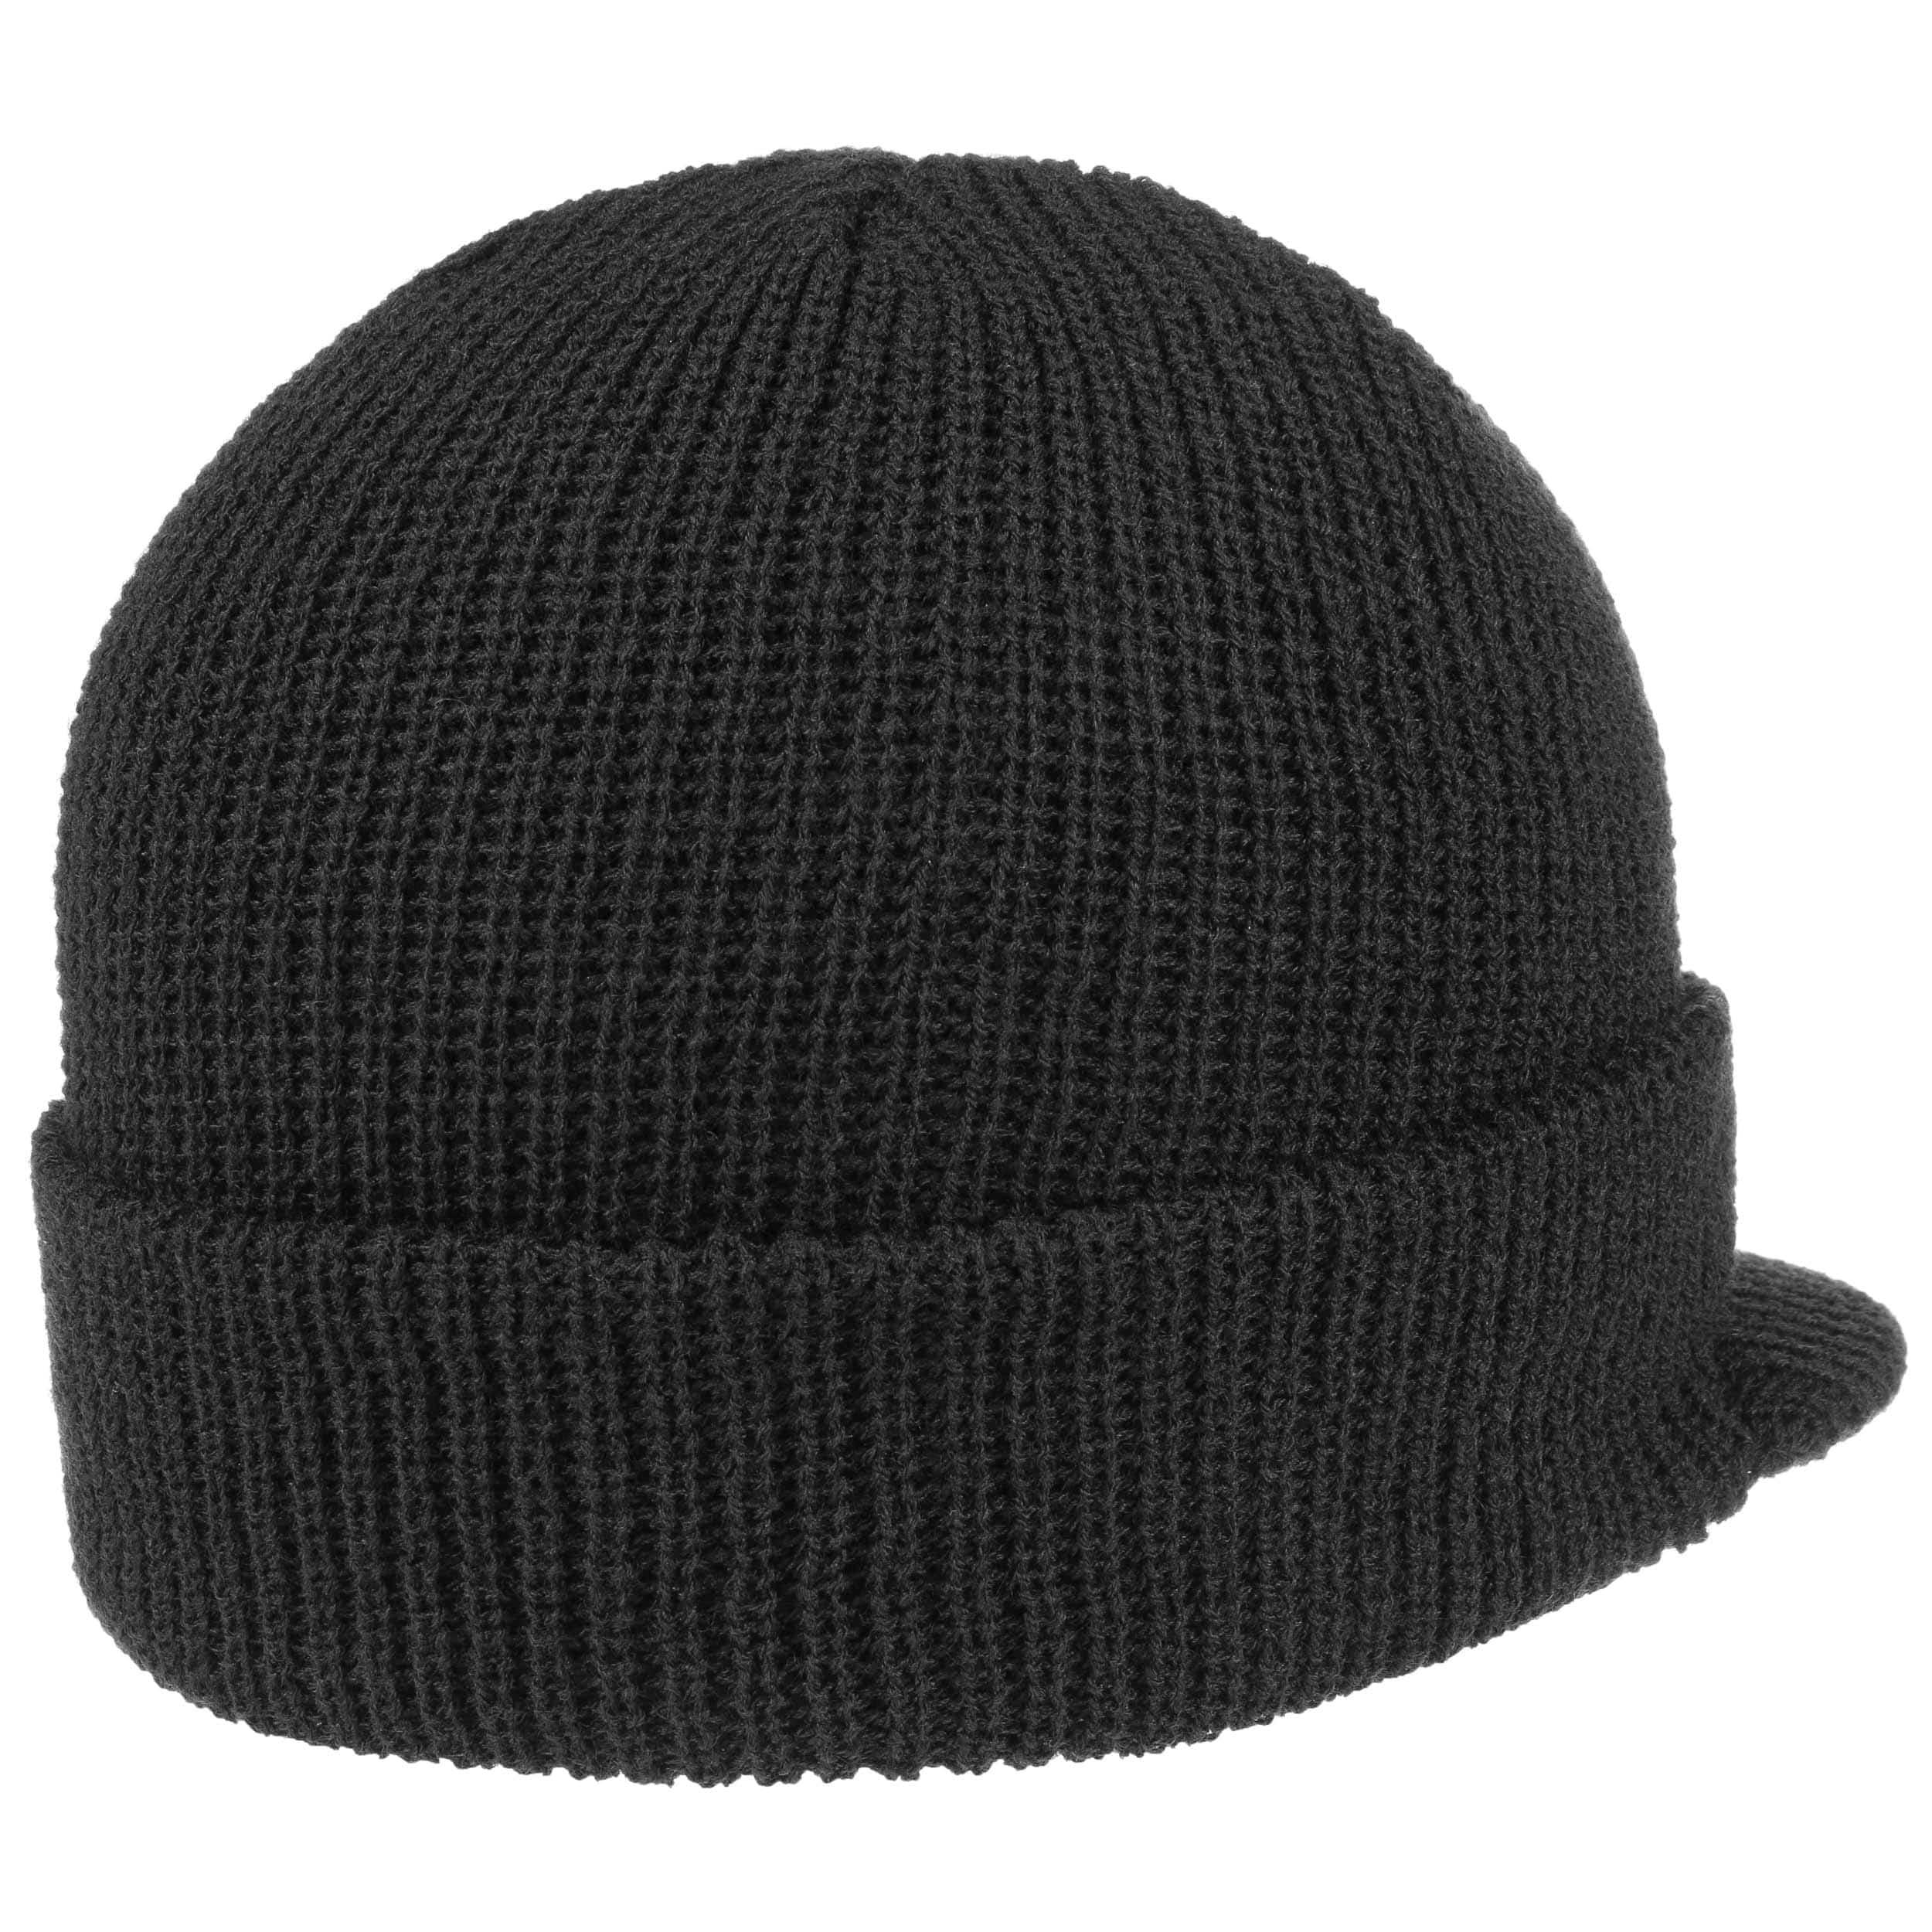 ... Cap Styler Peaked Beanie - black 2 ... 69daa771569